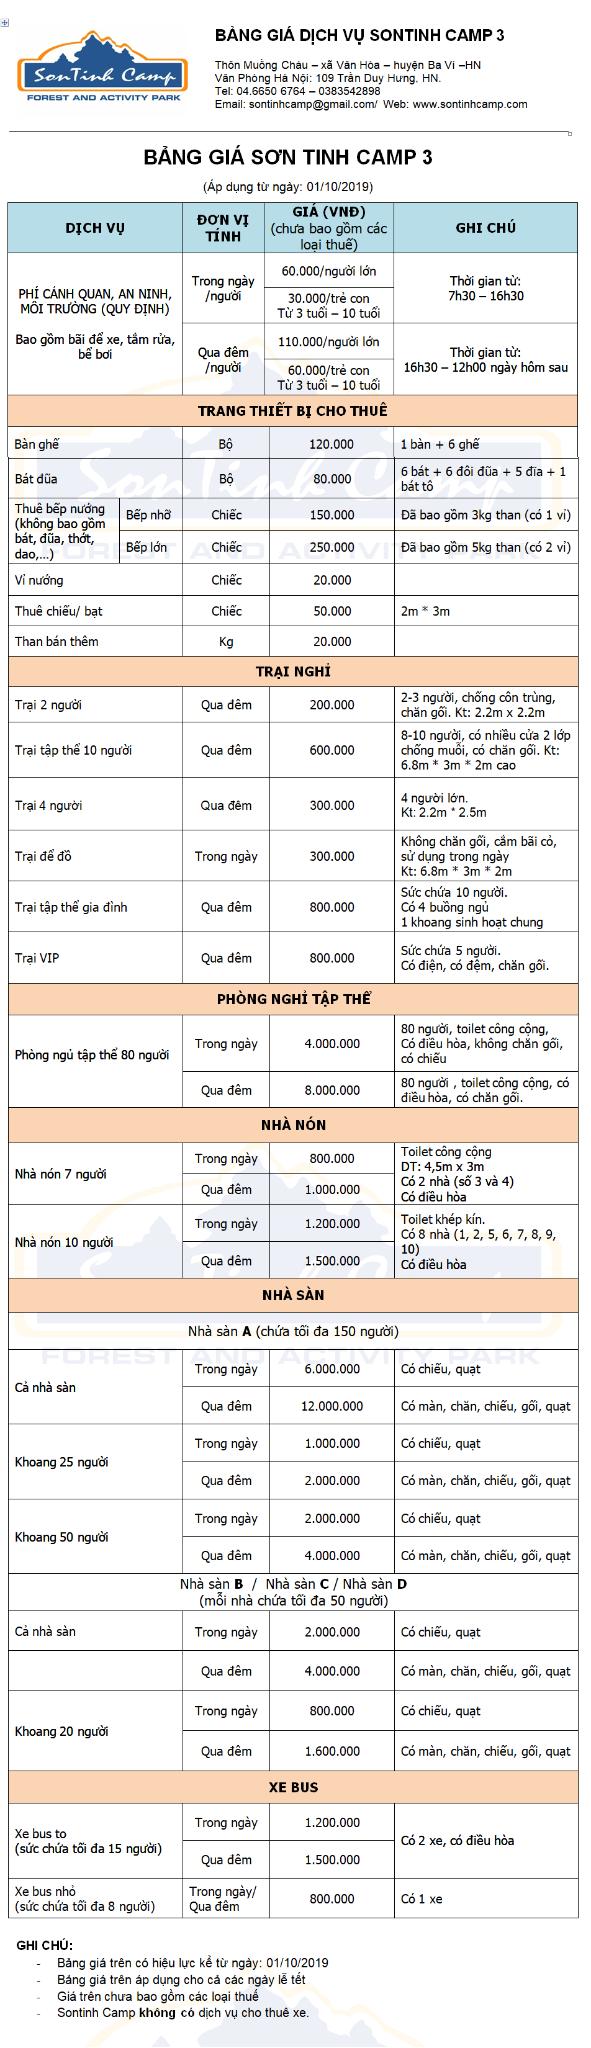 Bảng giá các dịch vụ tại Sơn Tinh Camp 3